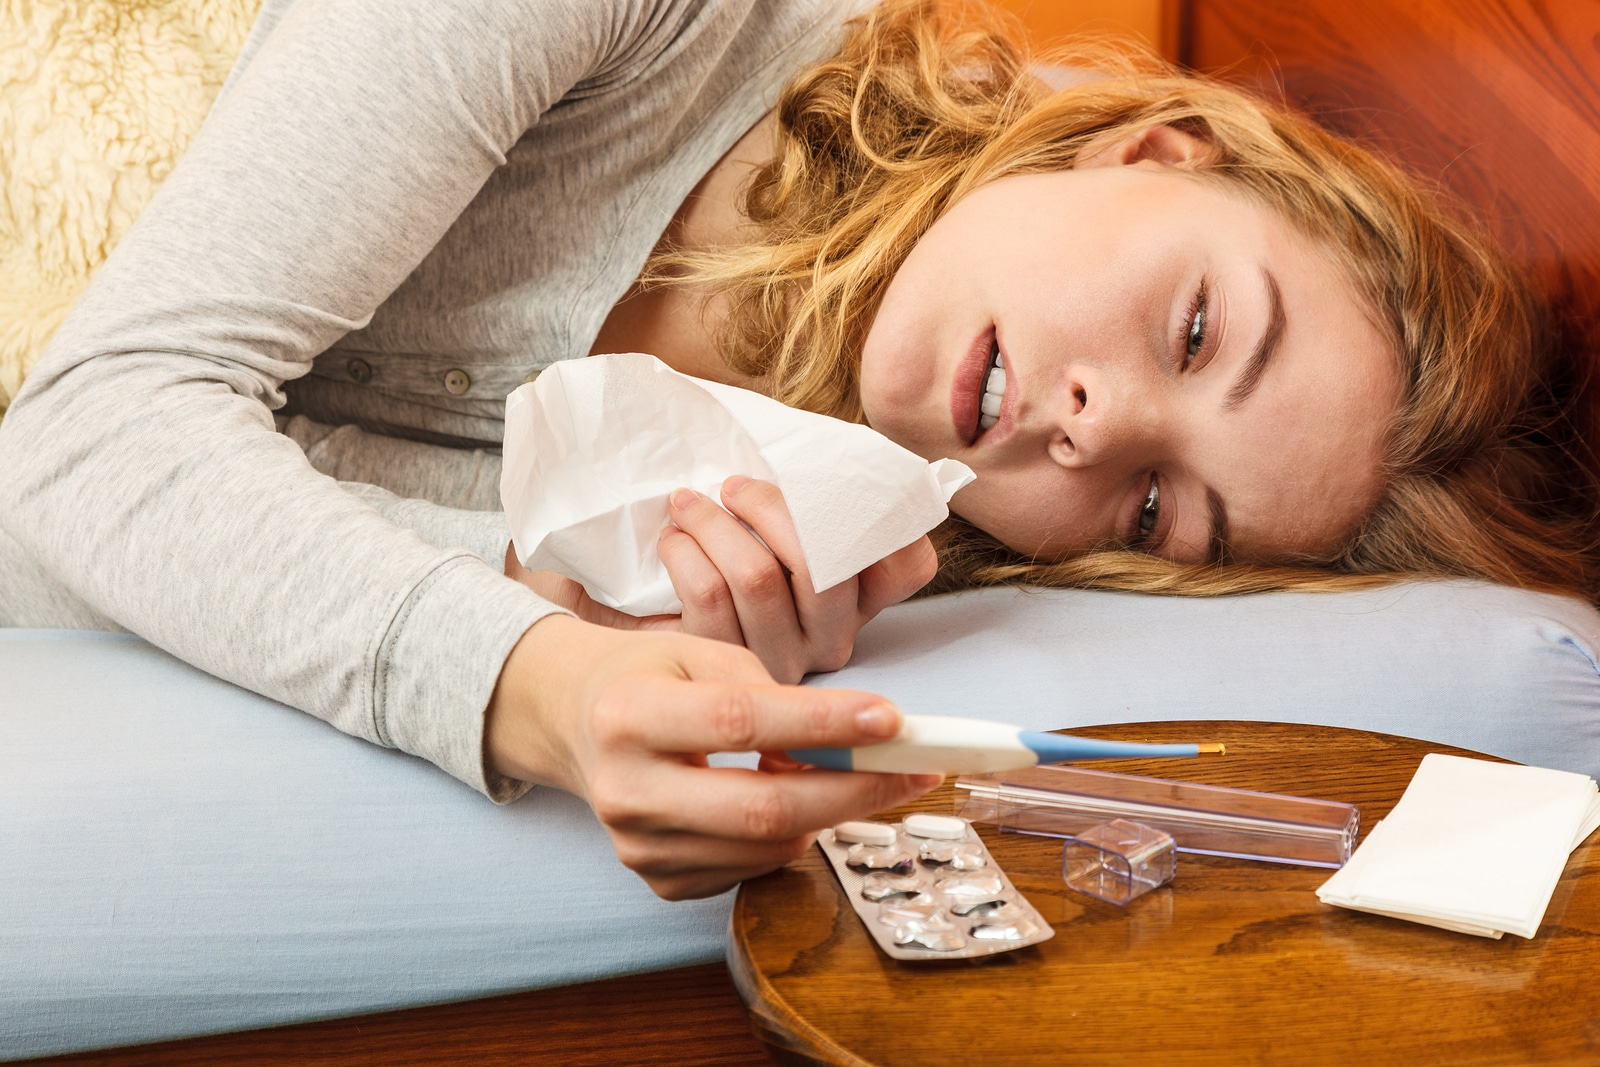 چهار قدم اساسی برای مبارزه با سرماخوردگی